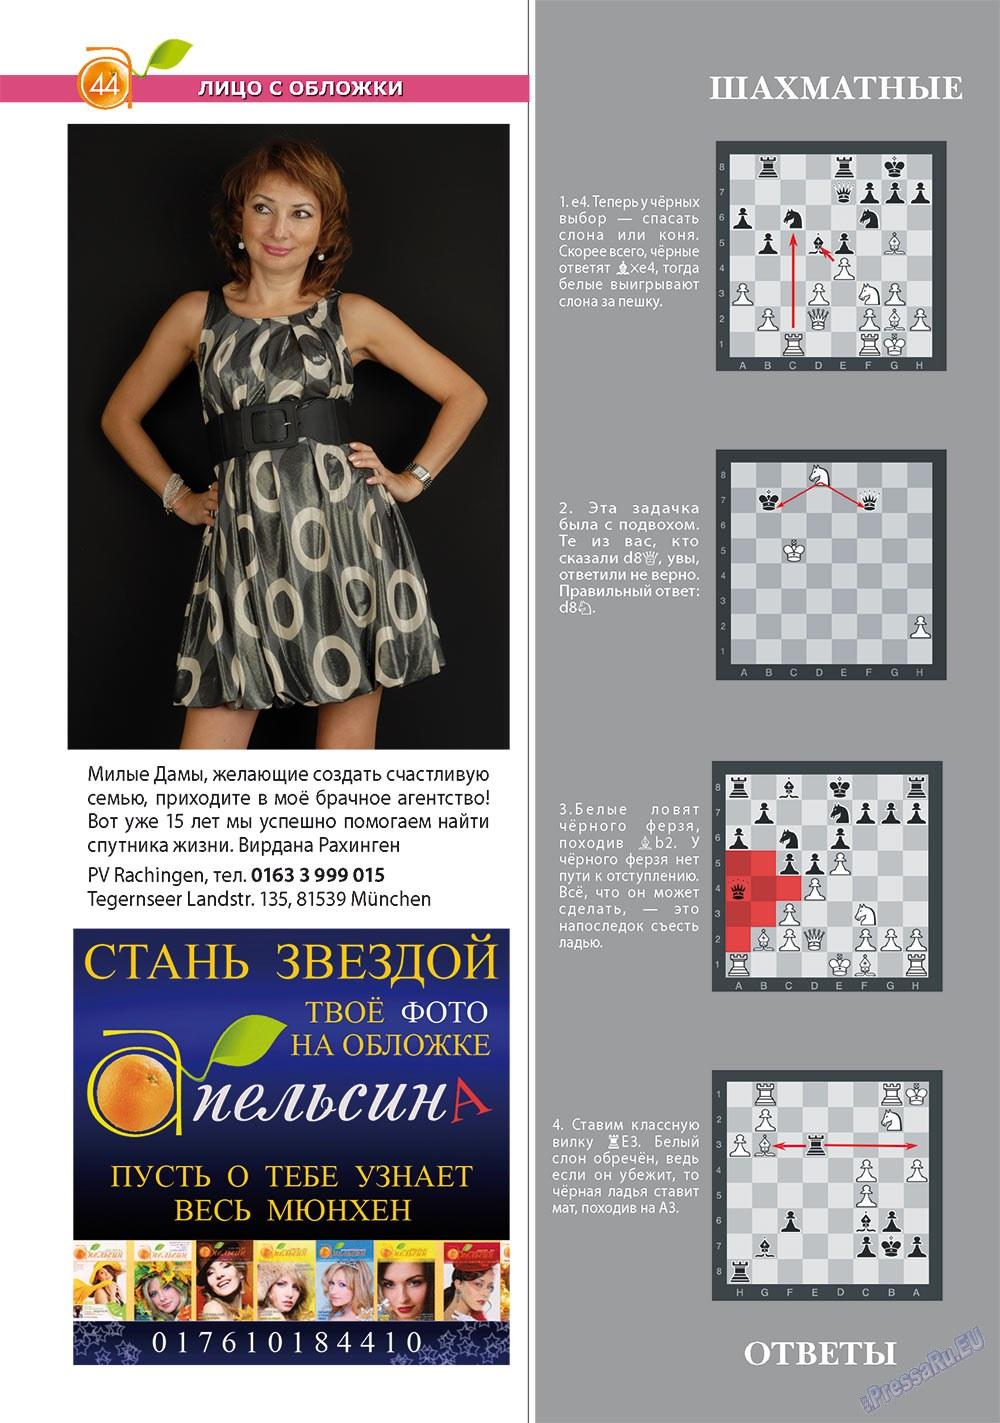 Апельсин (журнал). 2012 год, номер 31, стр. 44